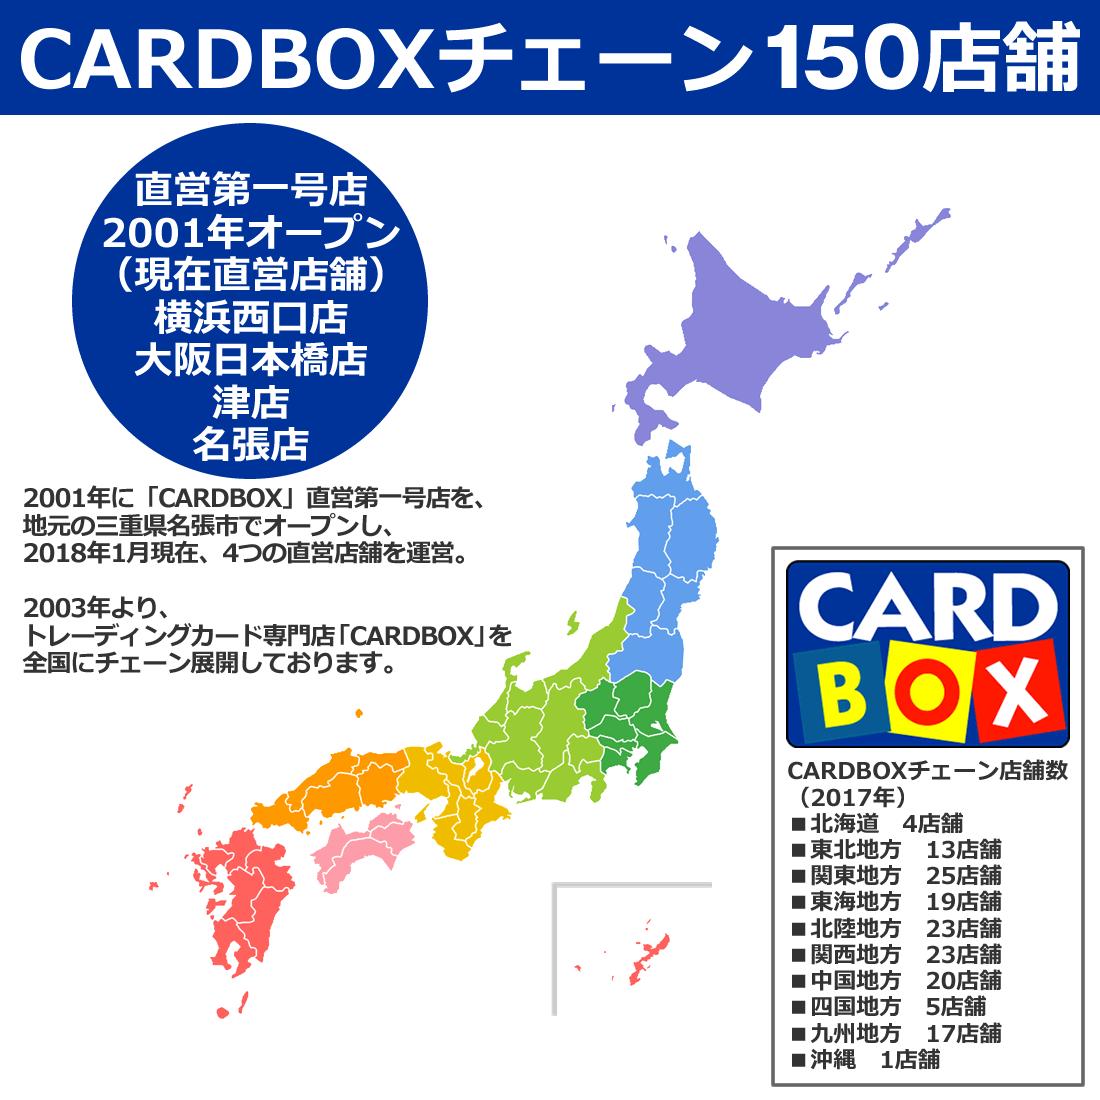 カードボックスチェーン150店舗(2003年~)